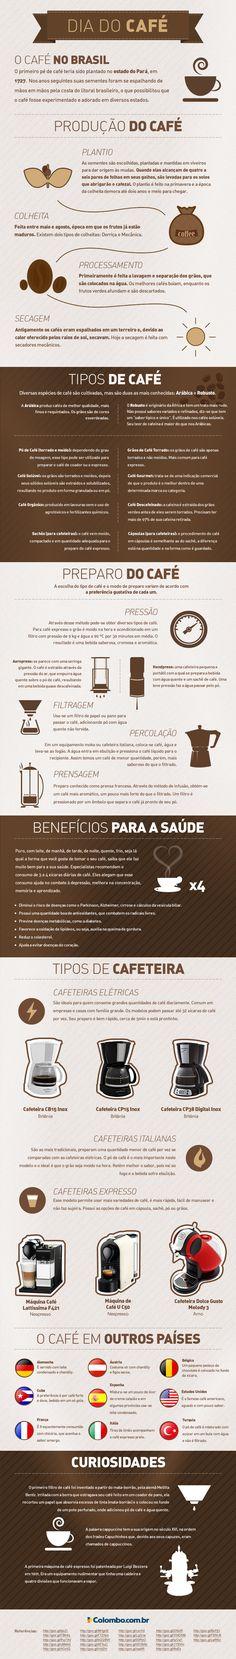 24 de maio é o Dia Nacional do Café. Você sabe tudo sobre a bebida? Conheça mais sobre o café neste infográfico que preparamos para você! Se bater a vontade de tomar um café quentinho, confira nossas opções de cafeteiras expresso: http://www.colombo.com.br/produto/Portateis/Cozinha/Cafeteiras-Expresso